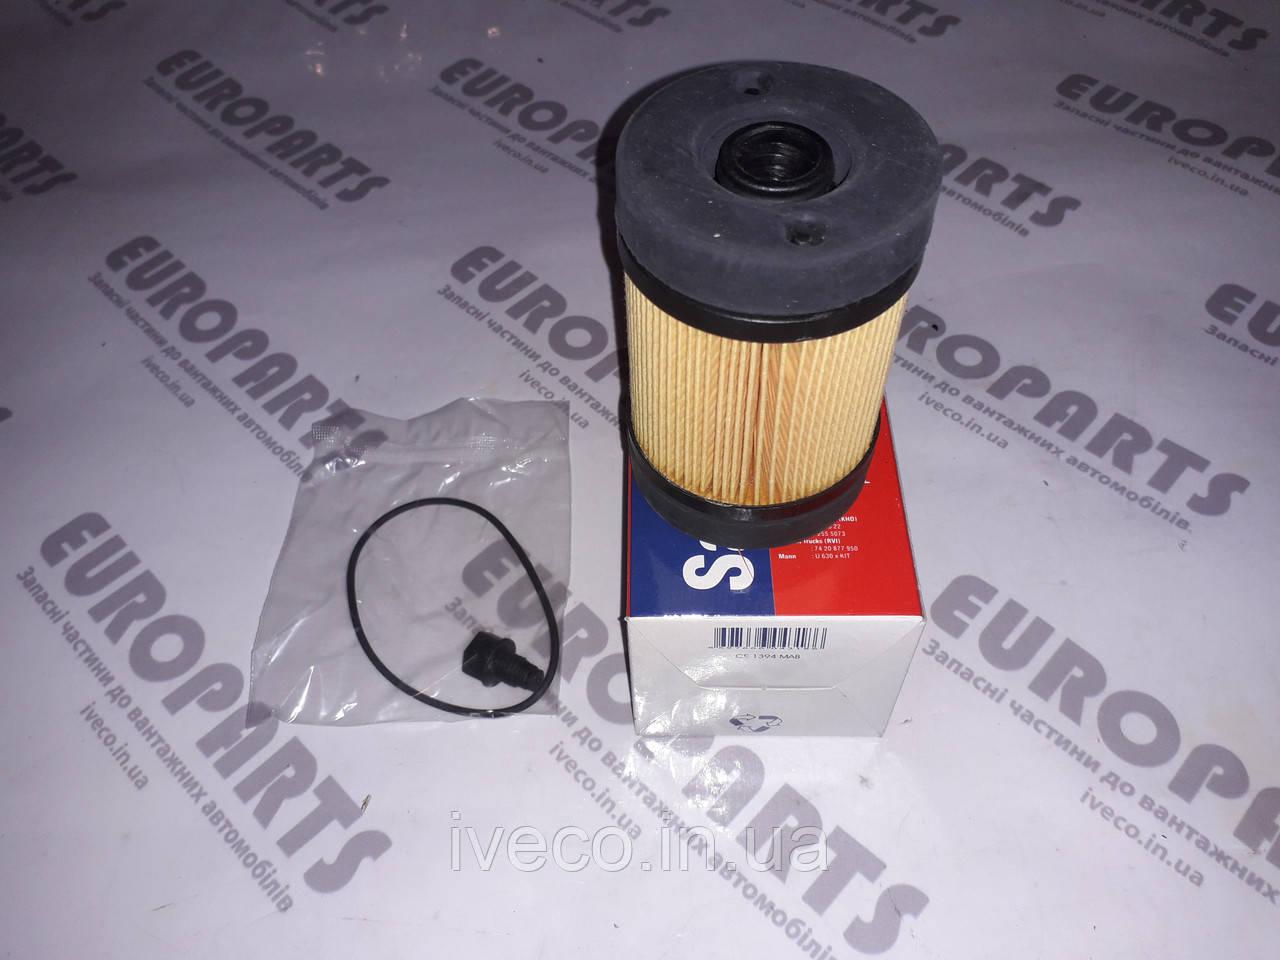 Фильтр насоса, фильтр мочевины AdBlueIVECO Eurocargo /06-, Stralis , Trakker Ивеко  42561605 500055972